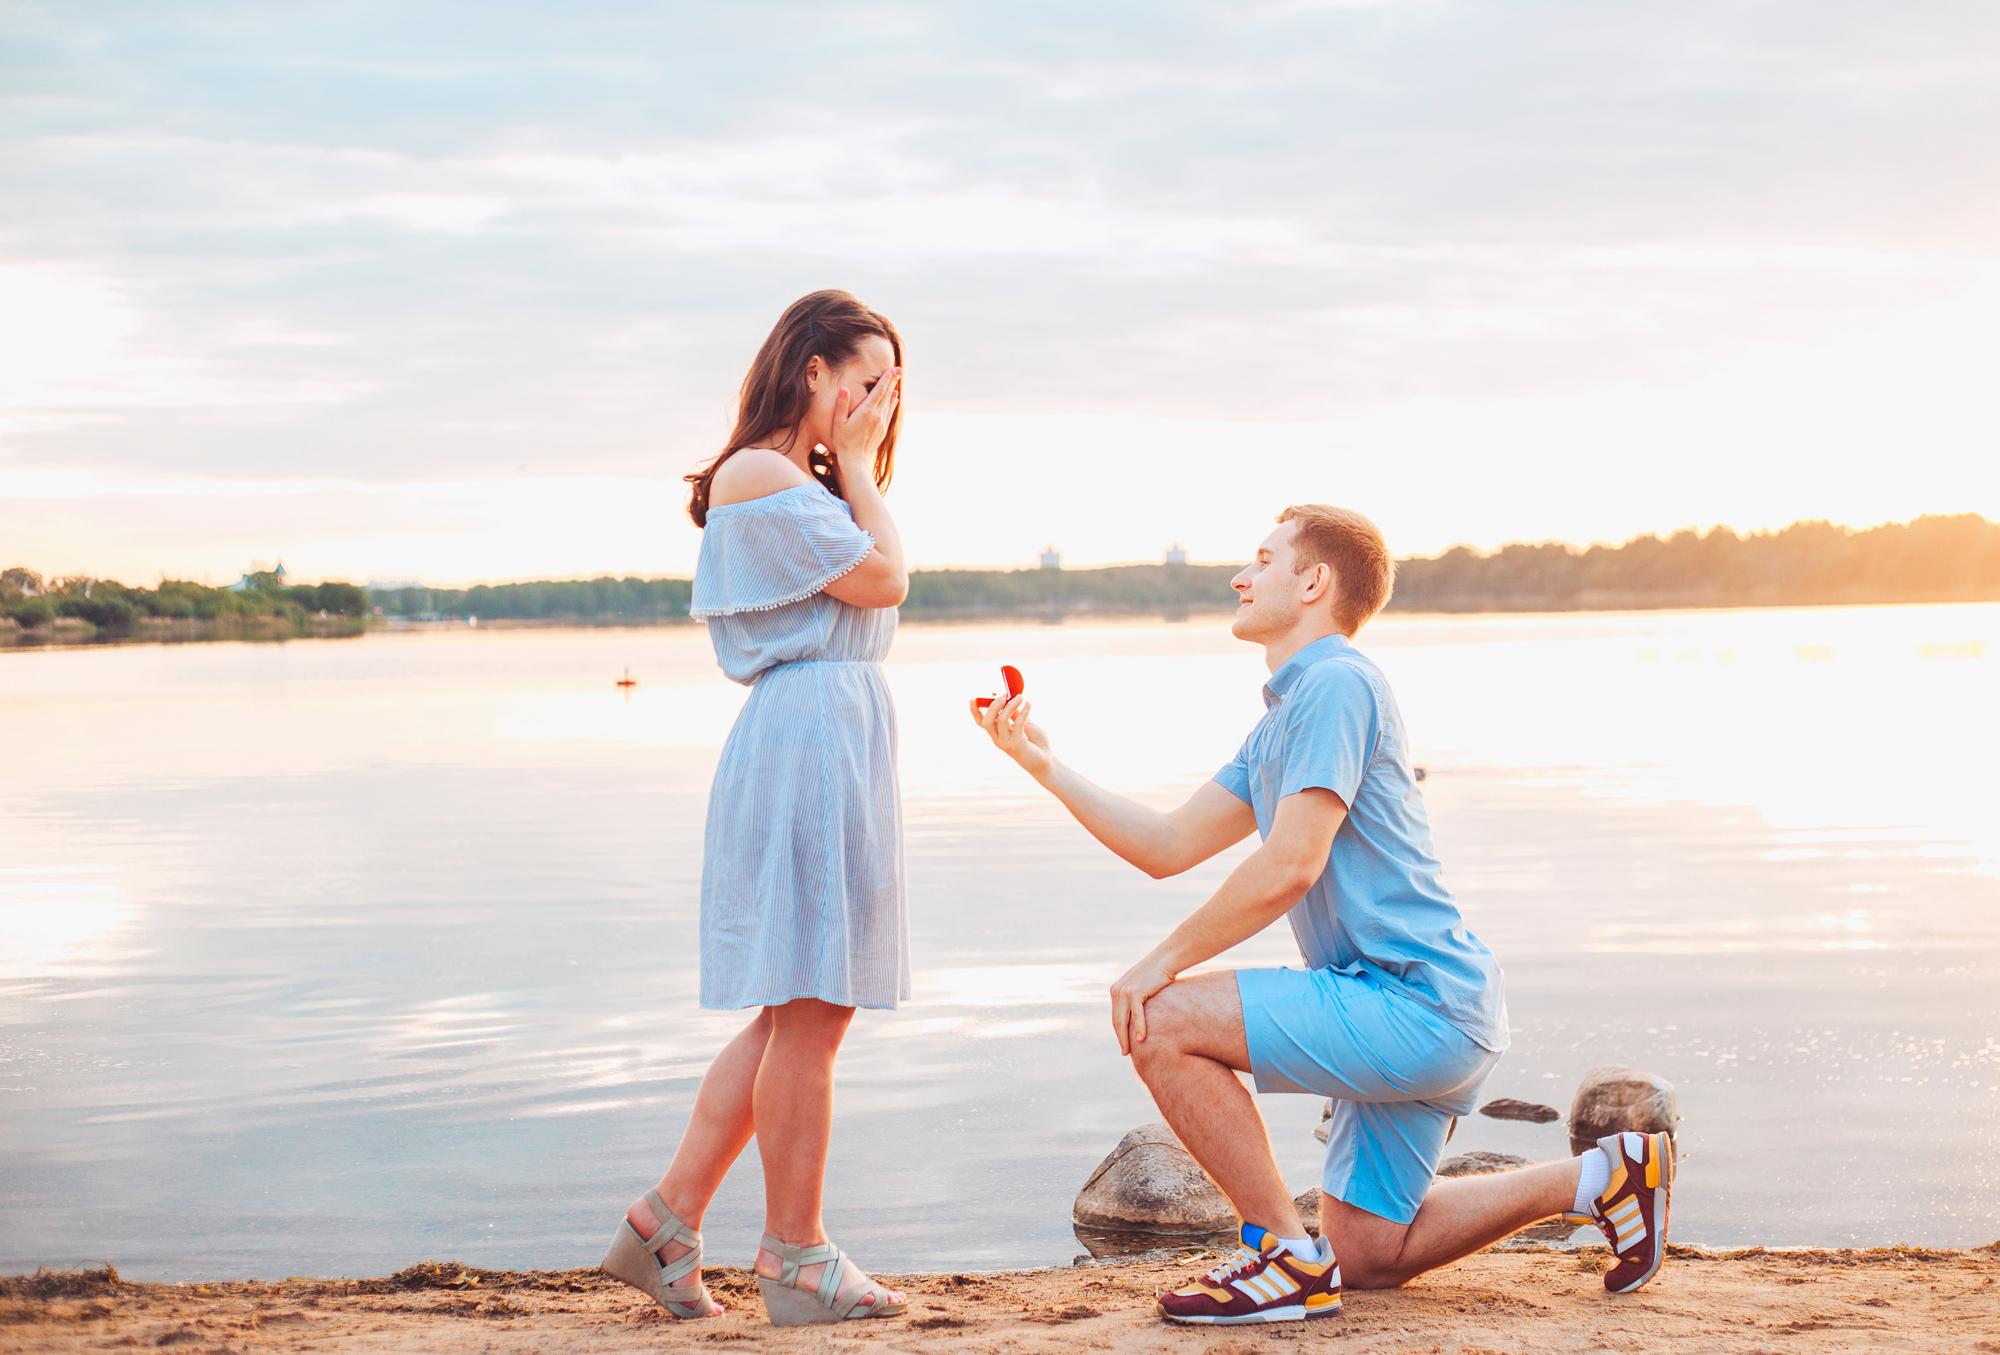 「男性 プロポーズ」の画像検索結果